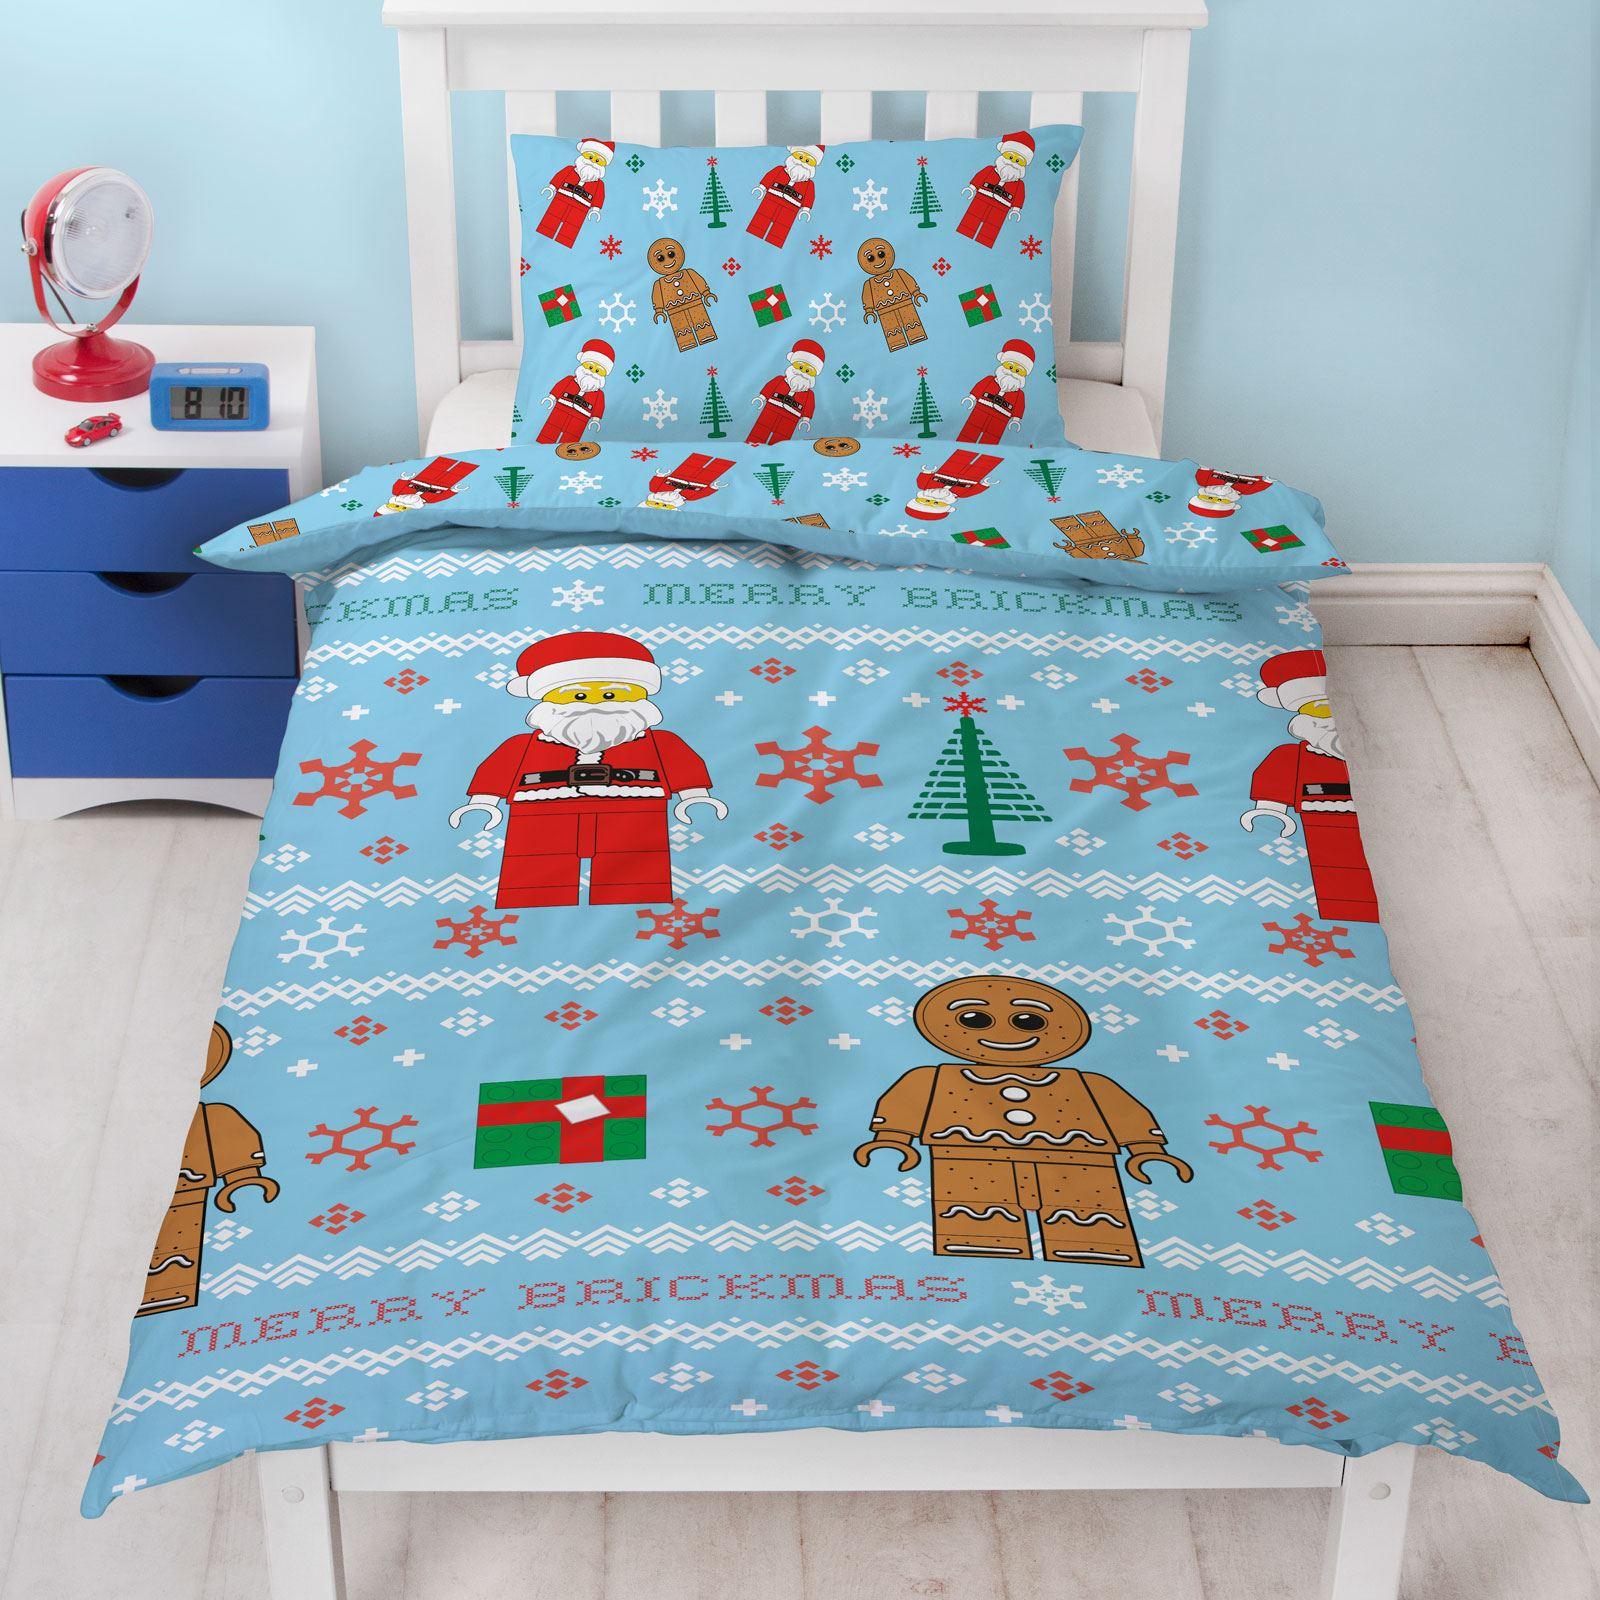 Indexbild 42 - Kinder Weihnachten Bettbezug Sets - Junior Einzel Doppel King - Elf Emoji Grinch